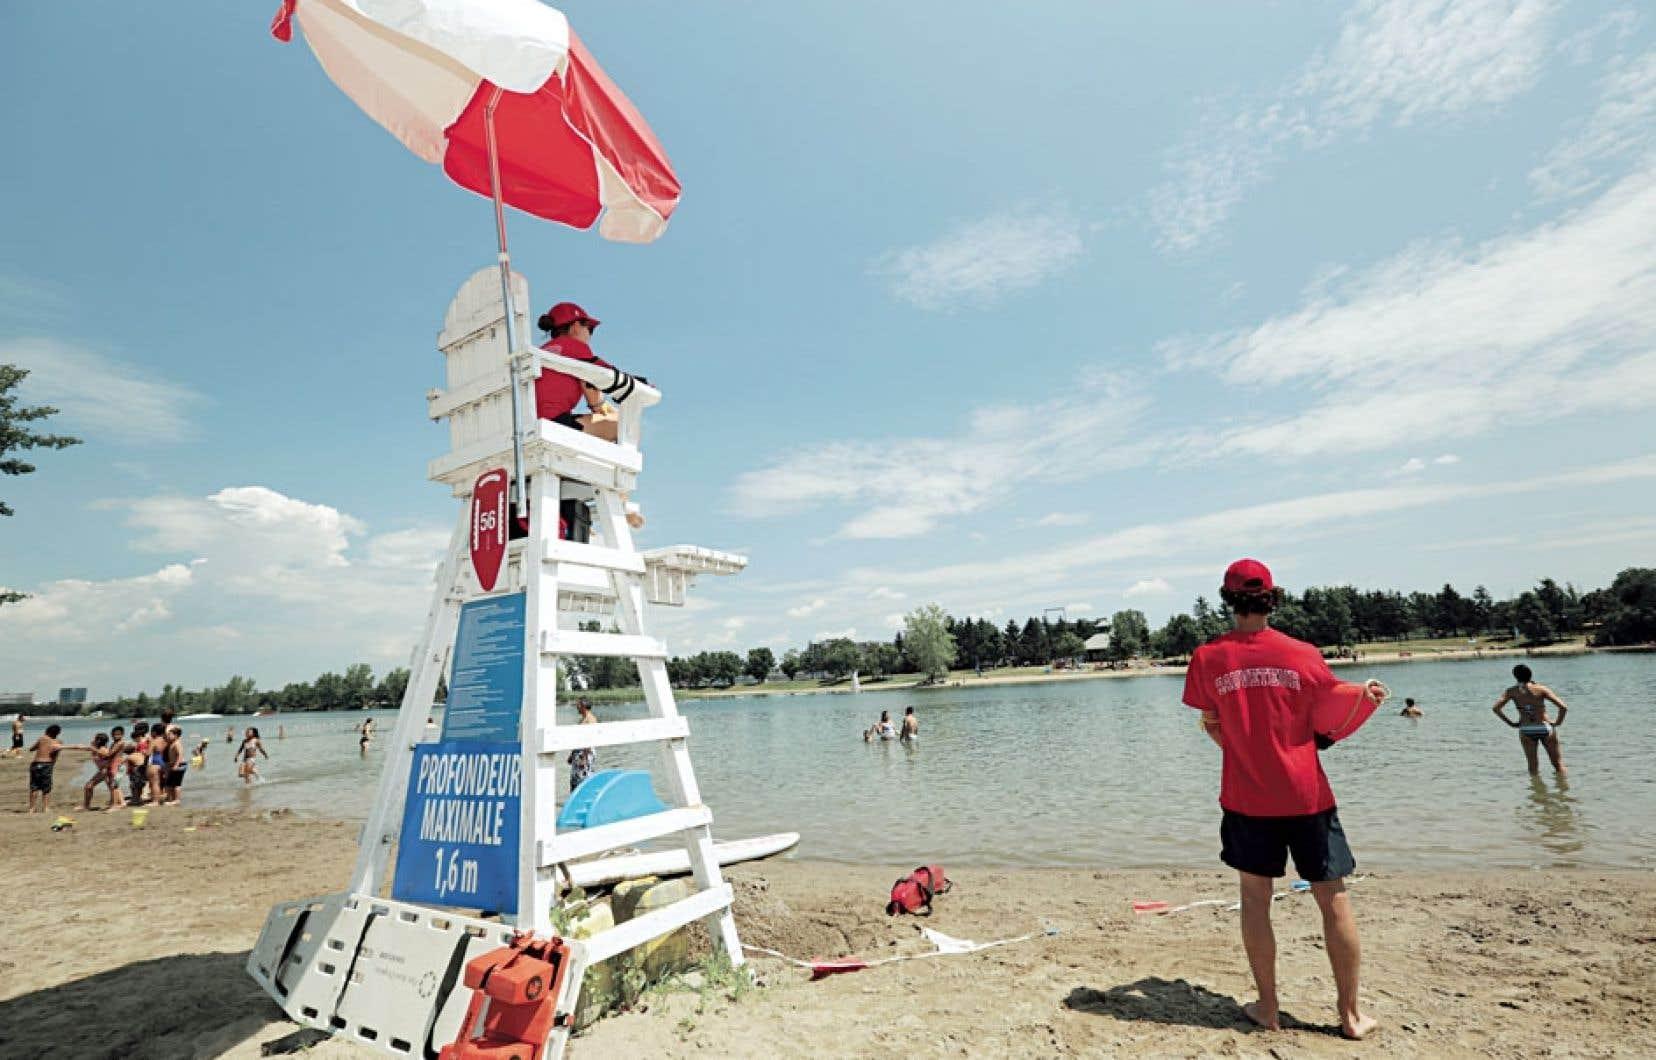 Des baigneurs à la plage du parc Jean-Drapeau, lundi, à Montréal. Au Québec comme ailleurs, le réchauffement atteint des niveaux historiques.